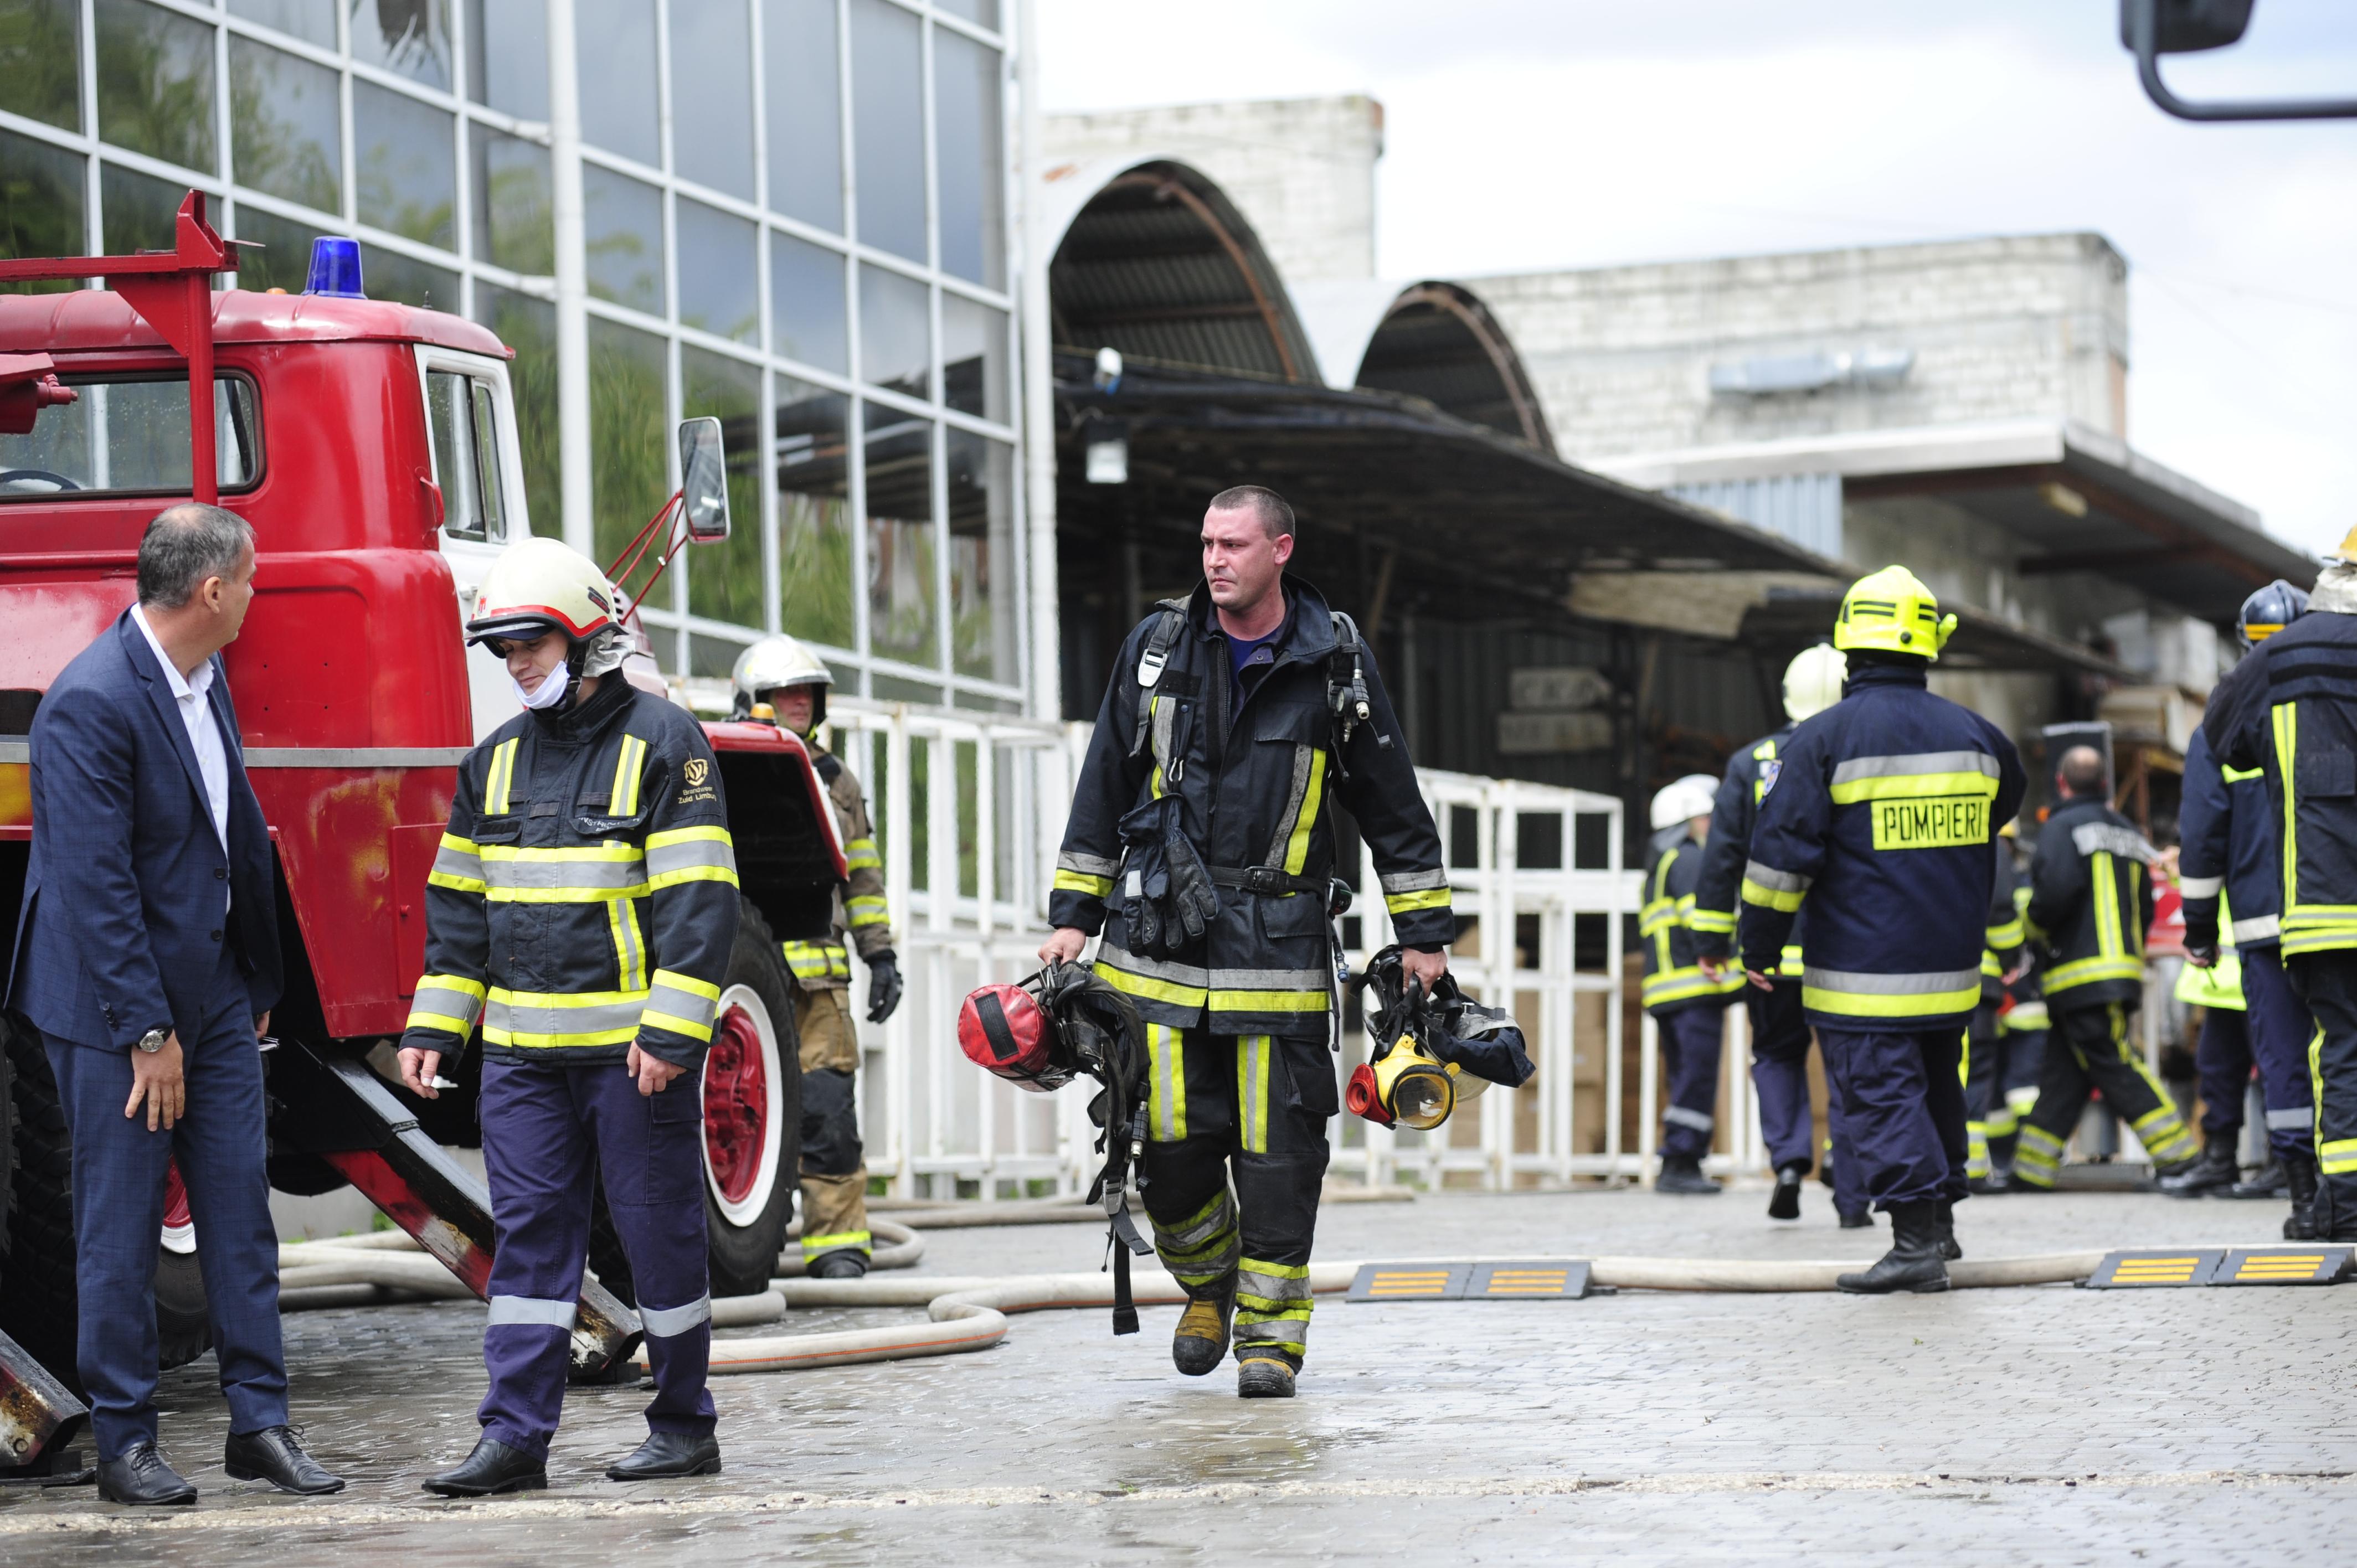 FOTOREPORTAJ Incendiul de la Moldexpo a fost lichidat. Flăcările au cuprins o suprafață de aproximativ 500 m2